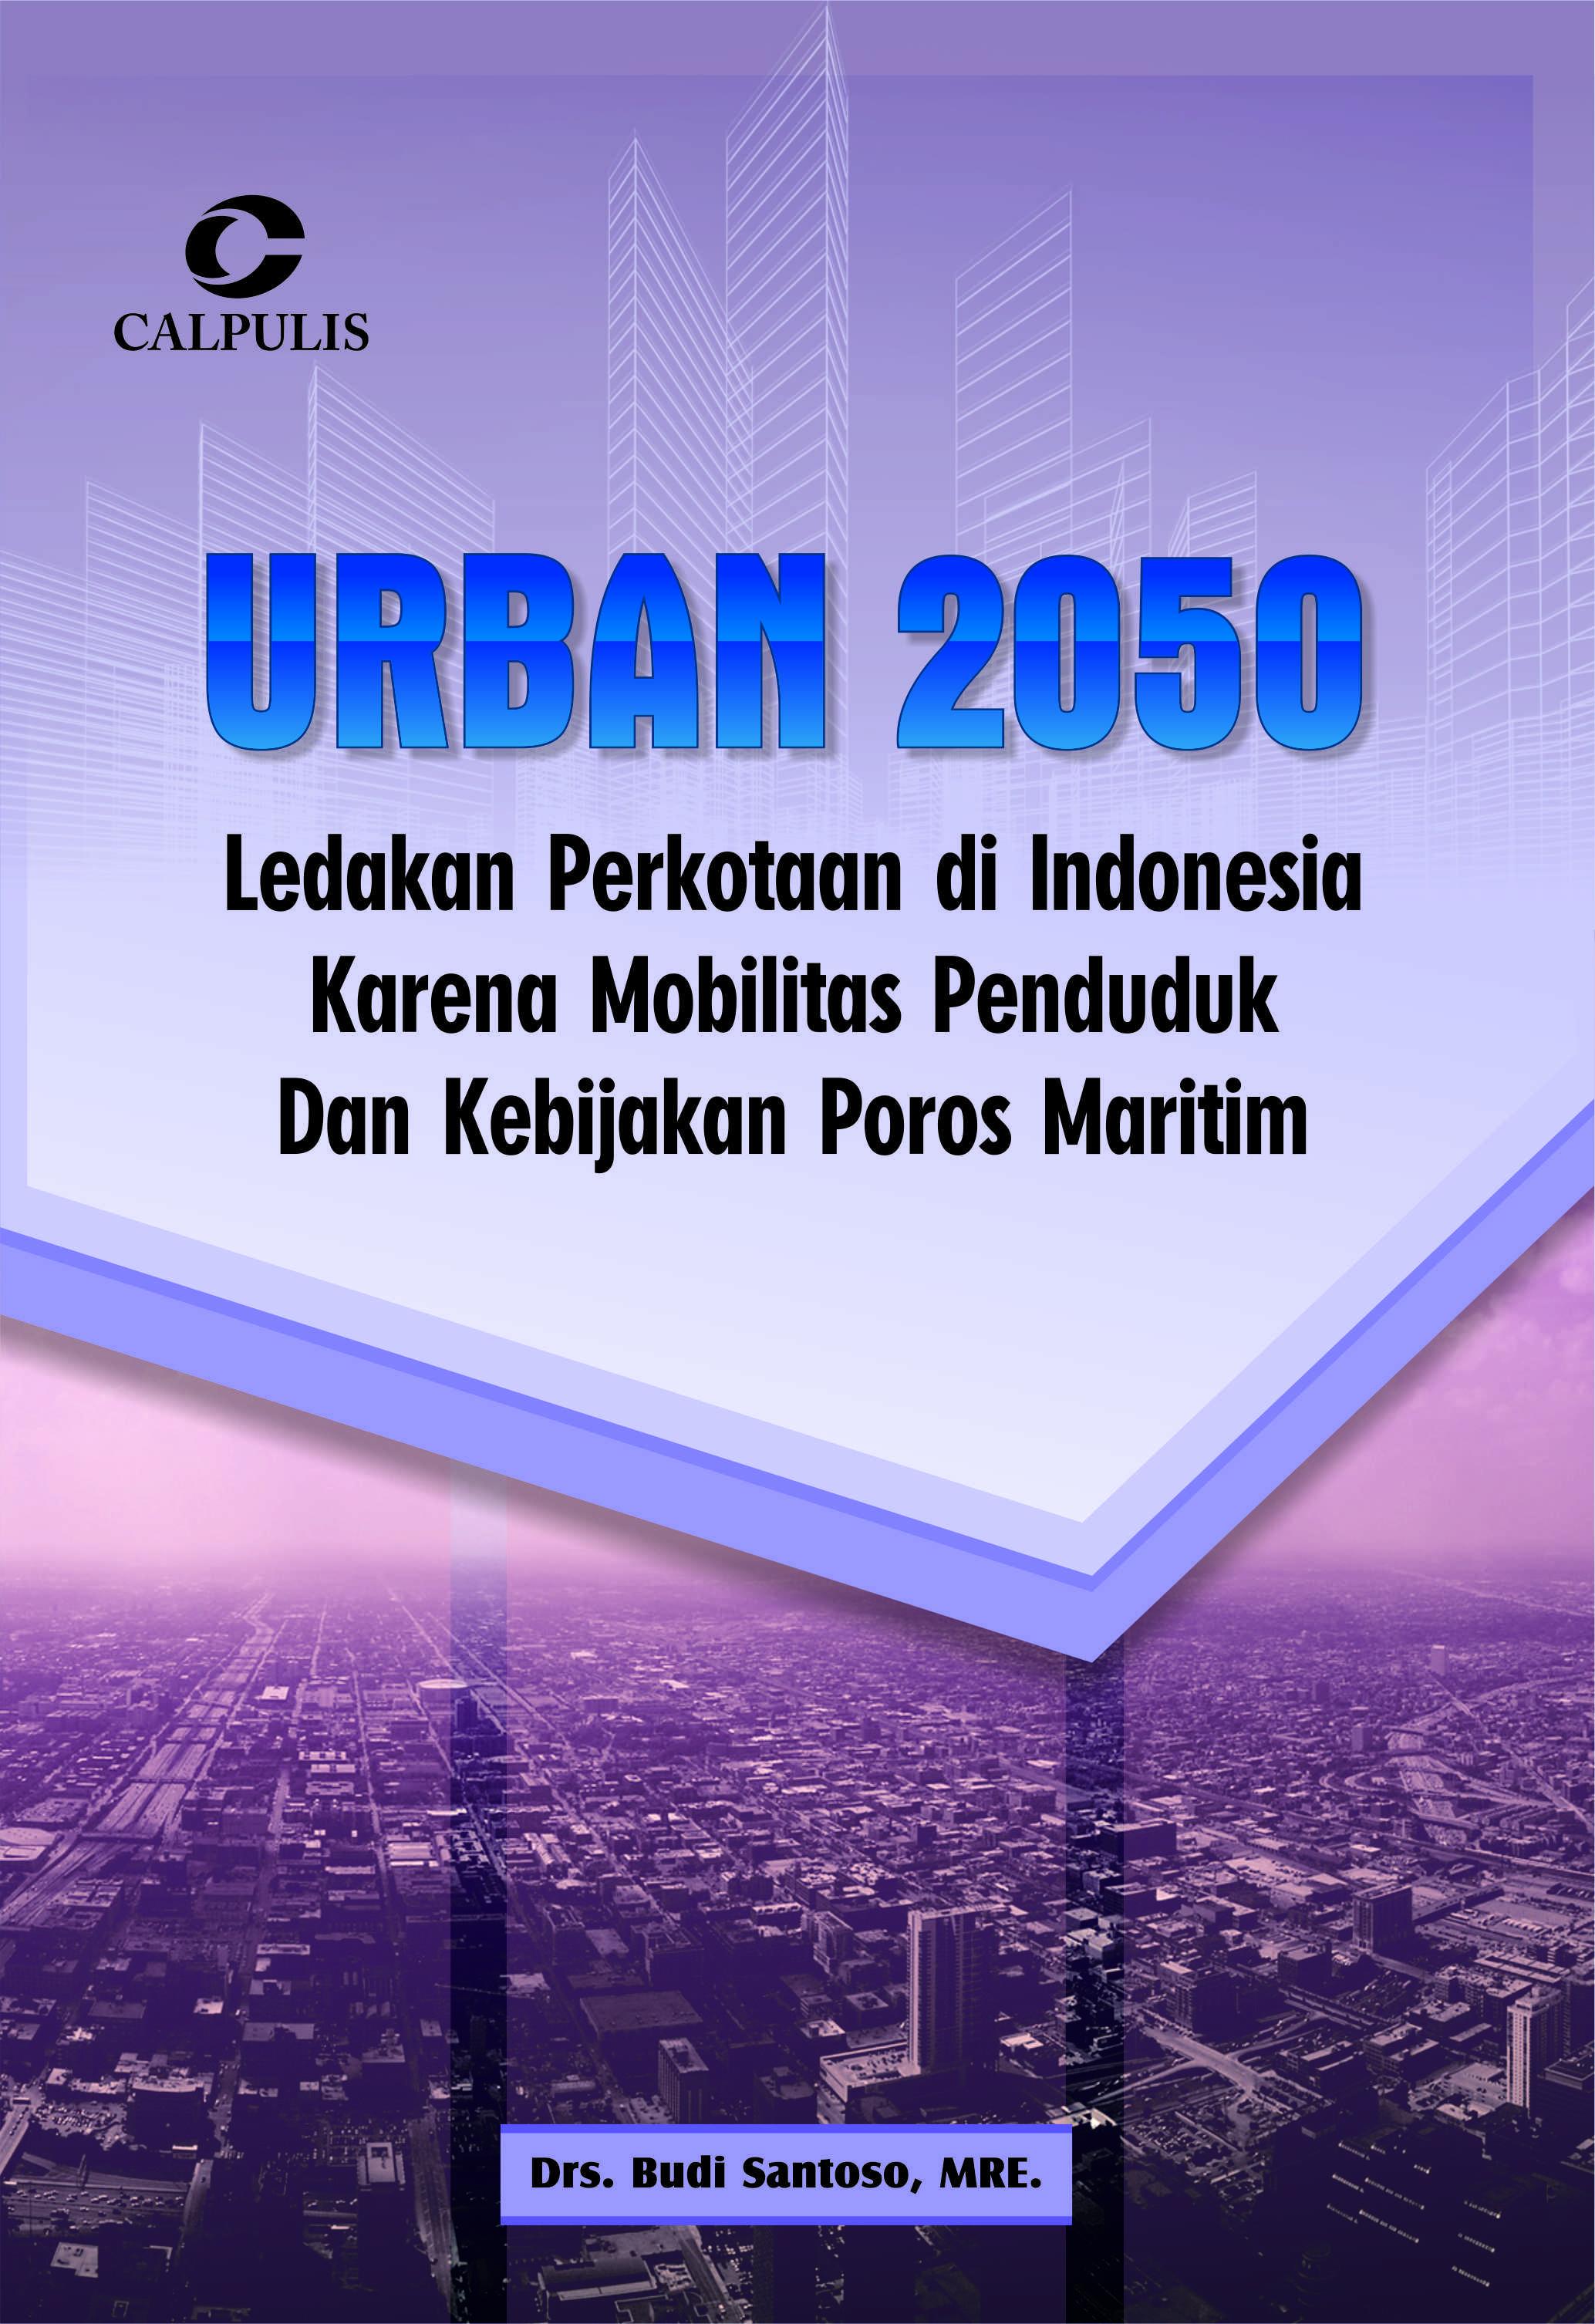 URBAN 2050: Ledakan Perkotaan di Indonesia Karena Mobilitas Penduduk dan Kebijakan Poros Maritim